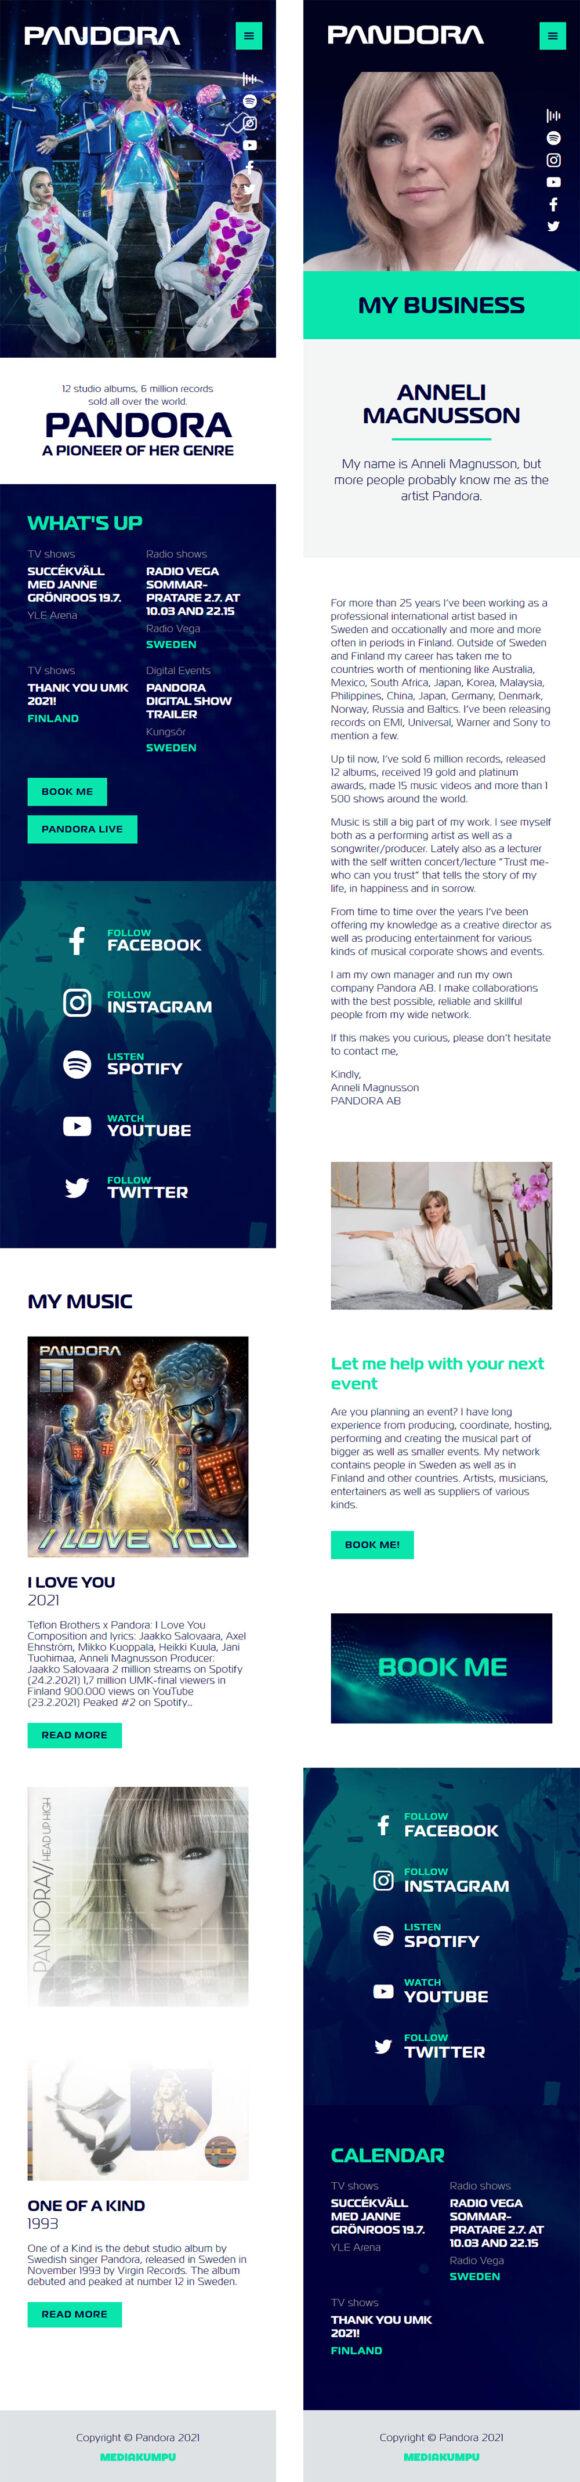 WordPress-kotisivut: Anneli Pandora Magnusson, mobiilinäkymiä - Mediakumpu